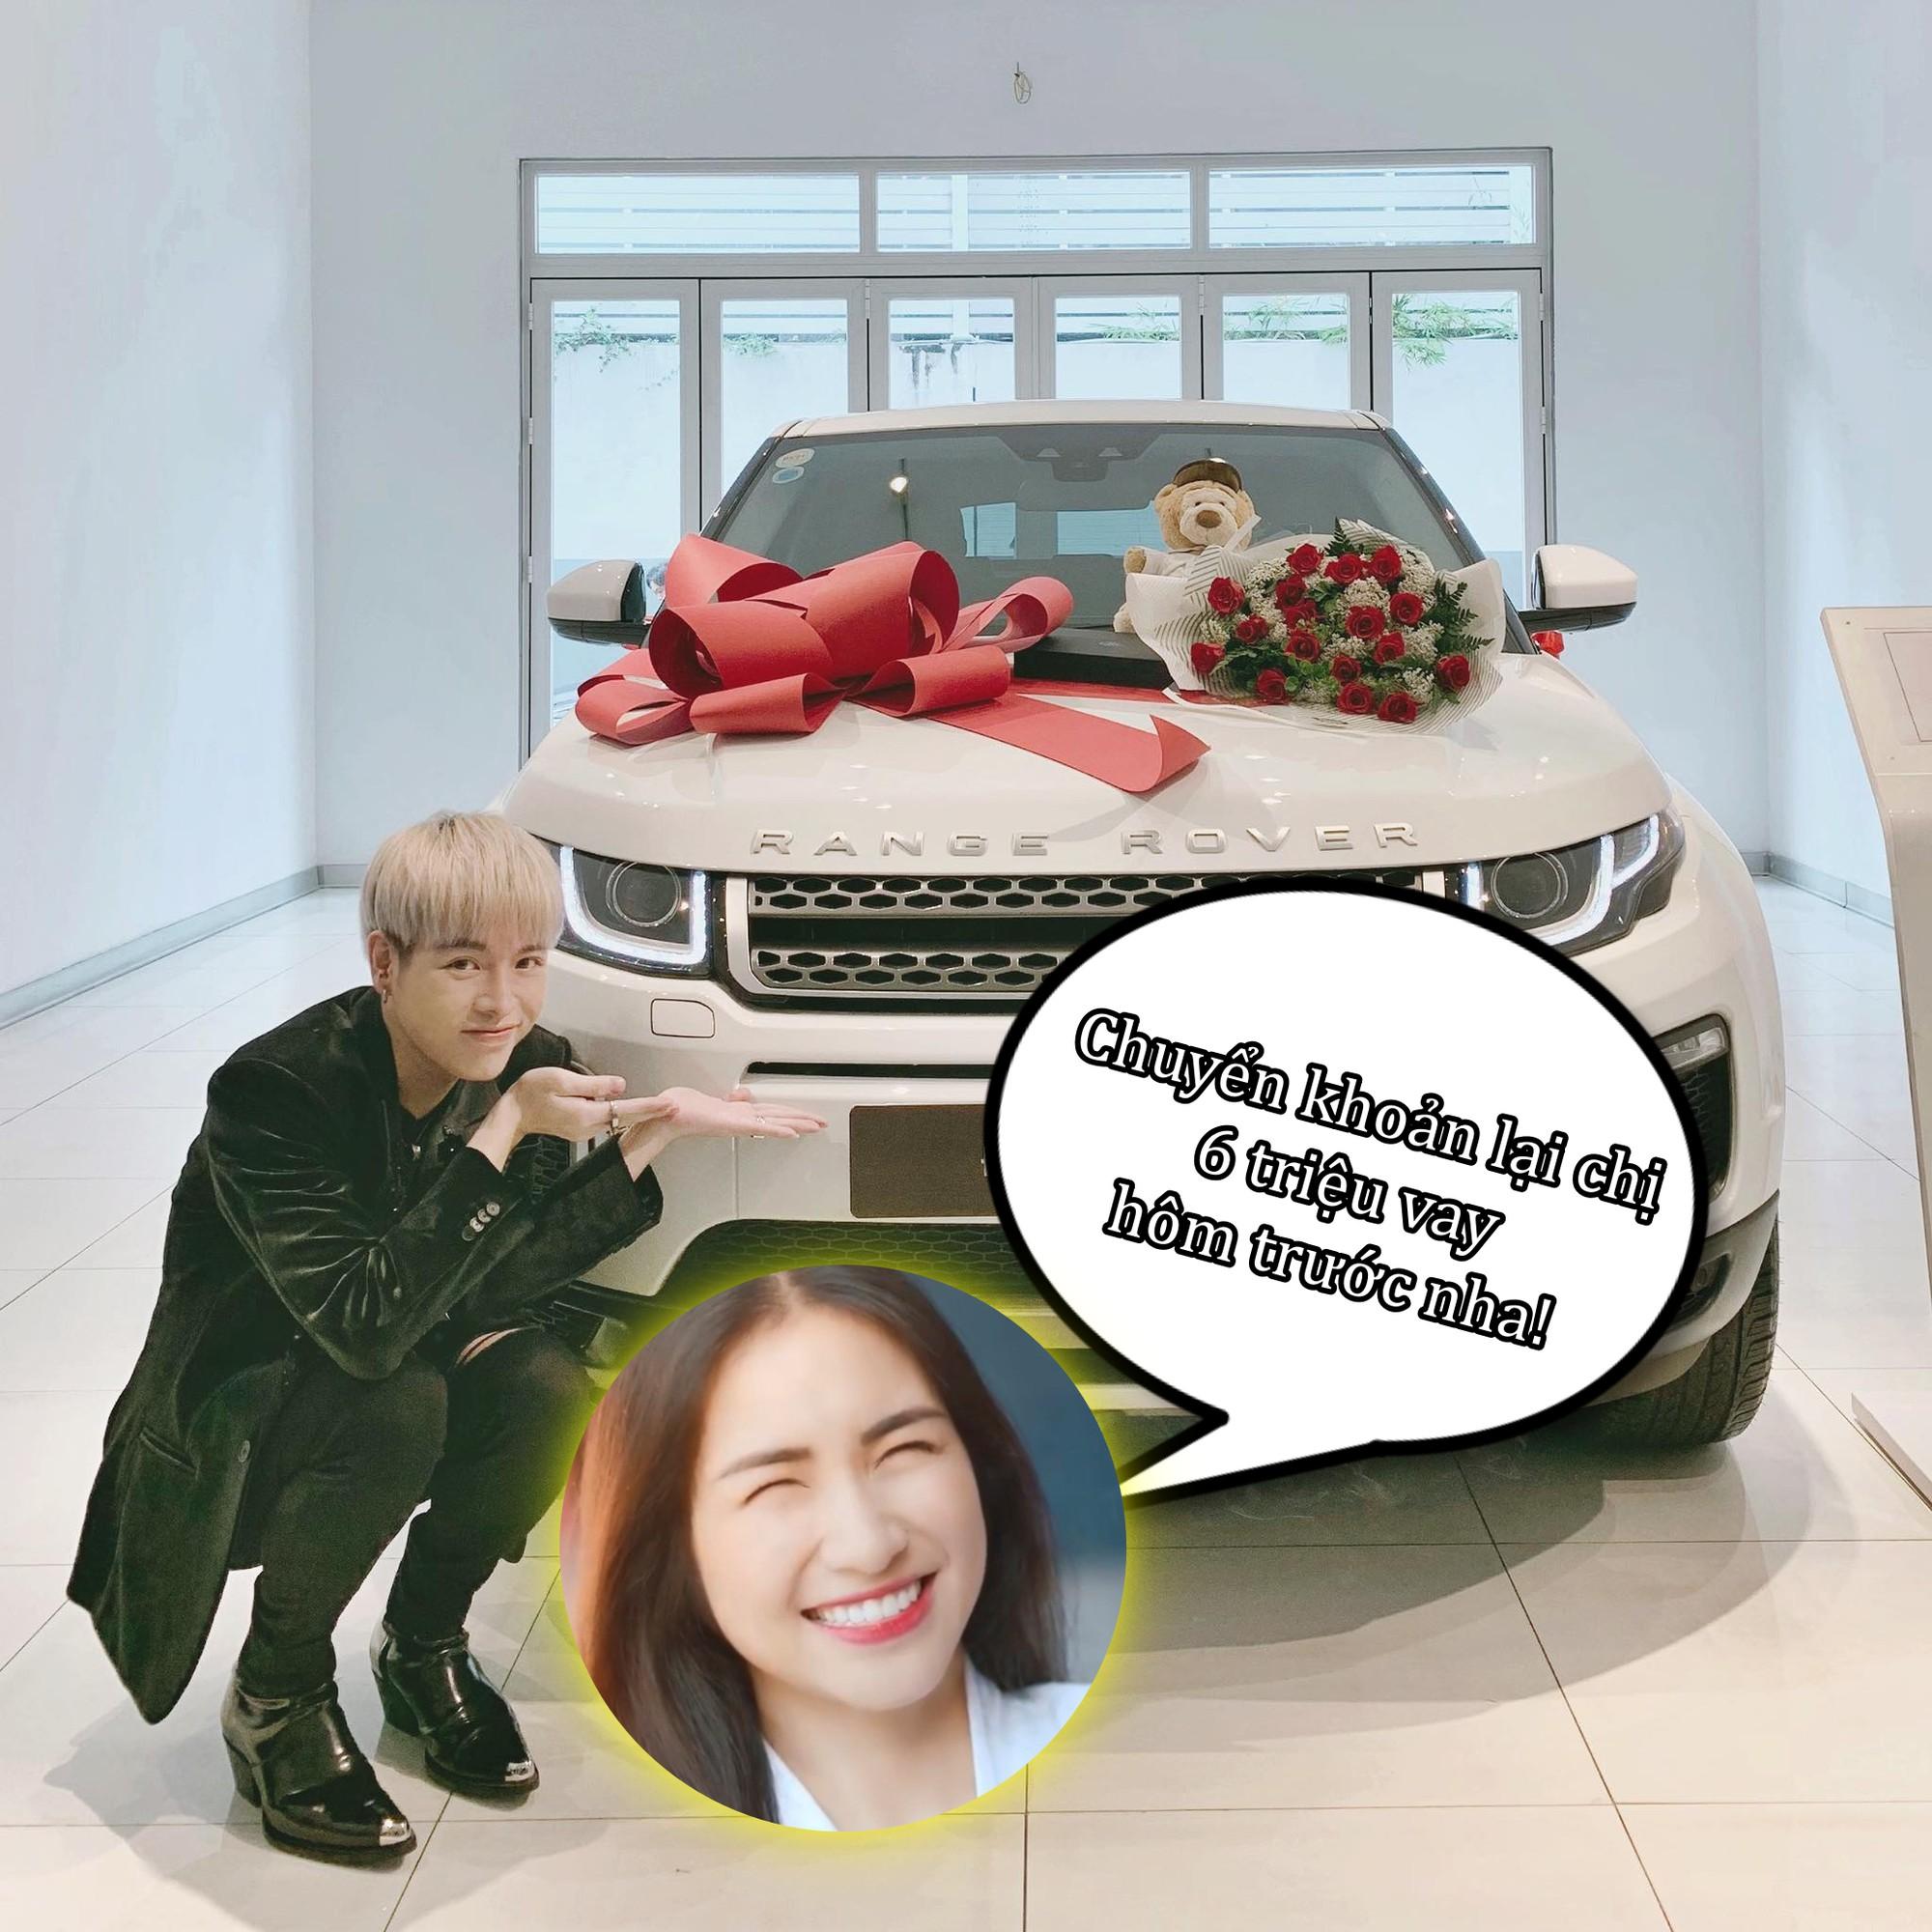 Đức Phúc vừa mới tậu xe, Hoà Minzy không đòi khao rửa xe mà vội vào... đòi nợ ngay 6 triệu!